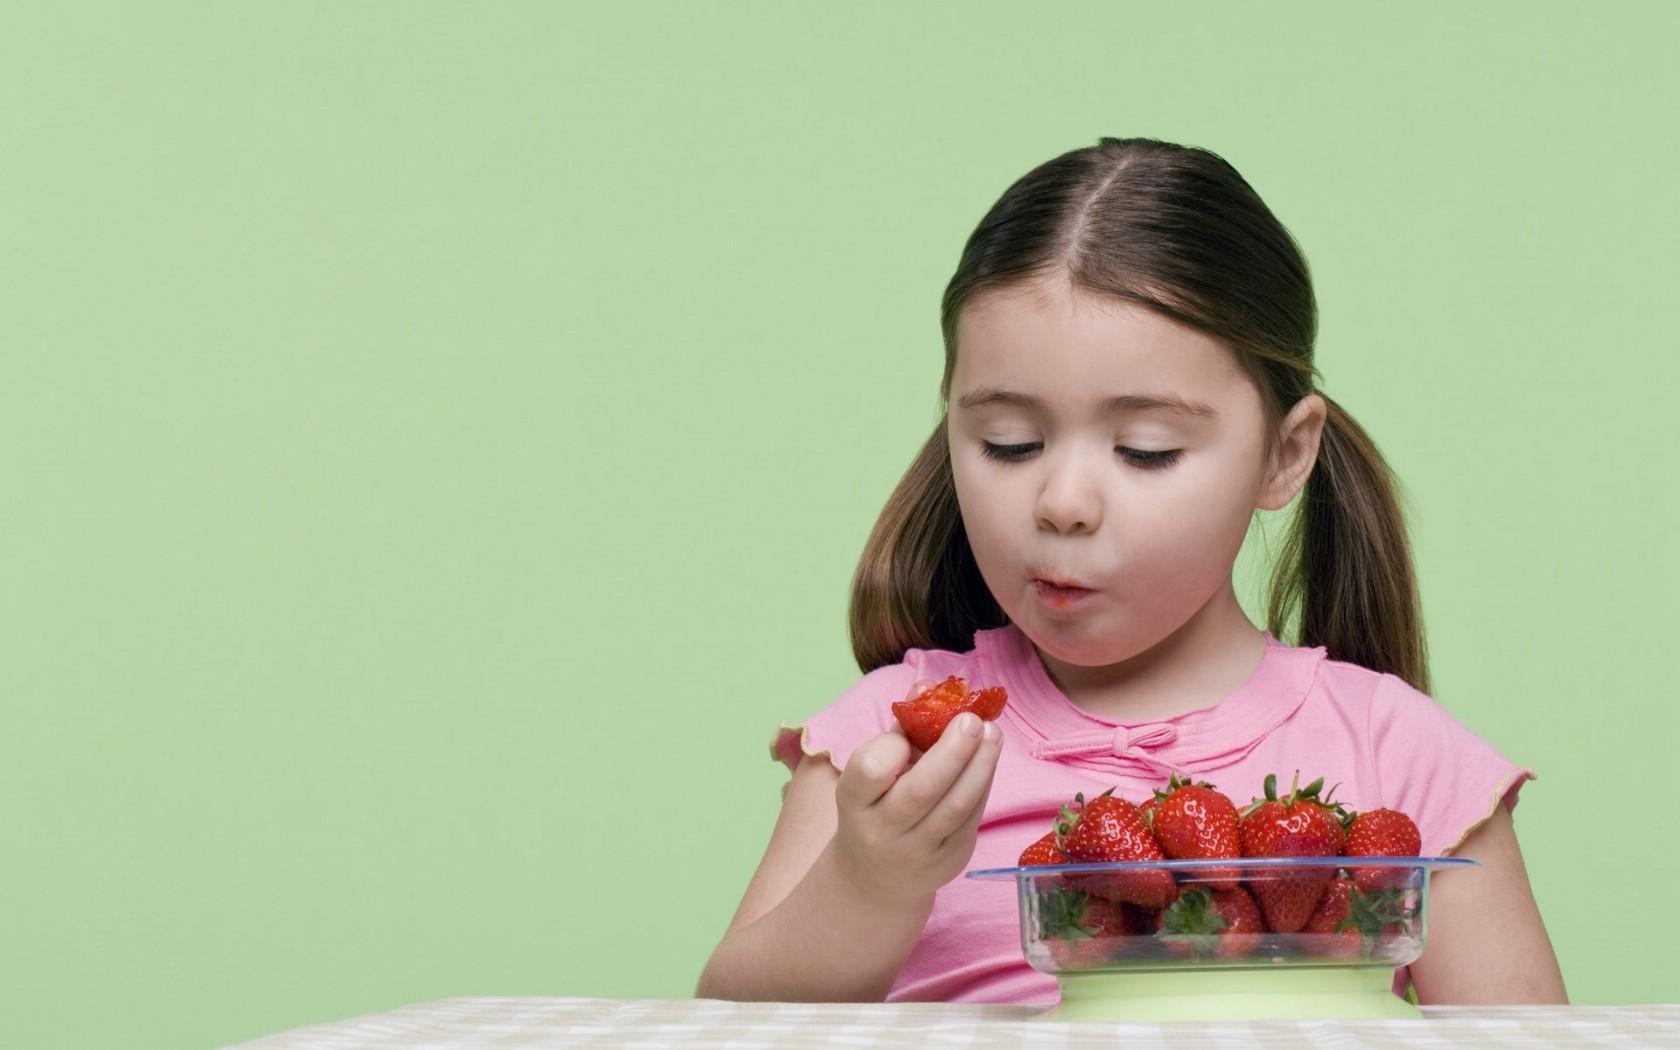 ×1050吃草莓 外国小女孩儿童摄影壁纸壁纸,国外儿童